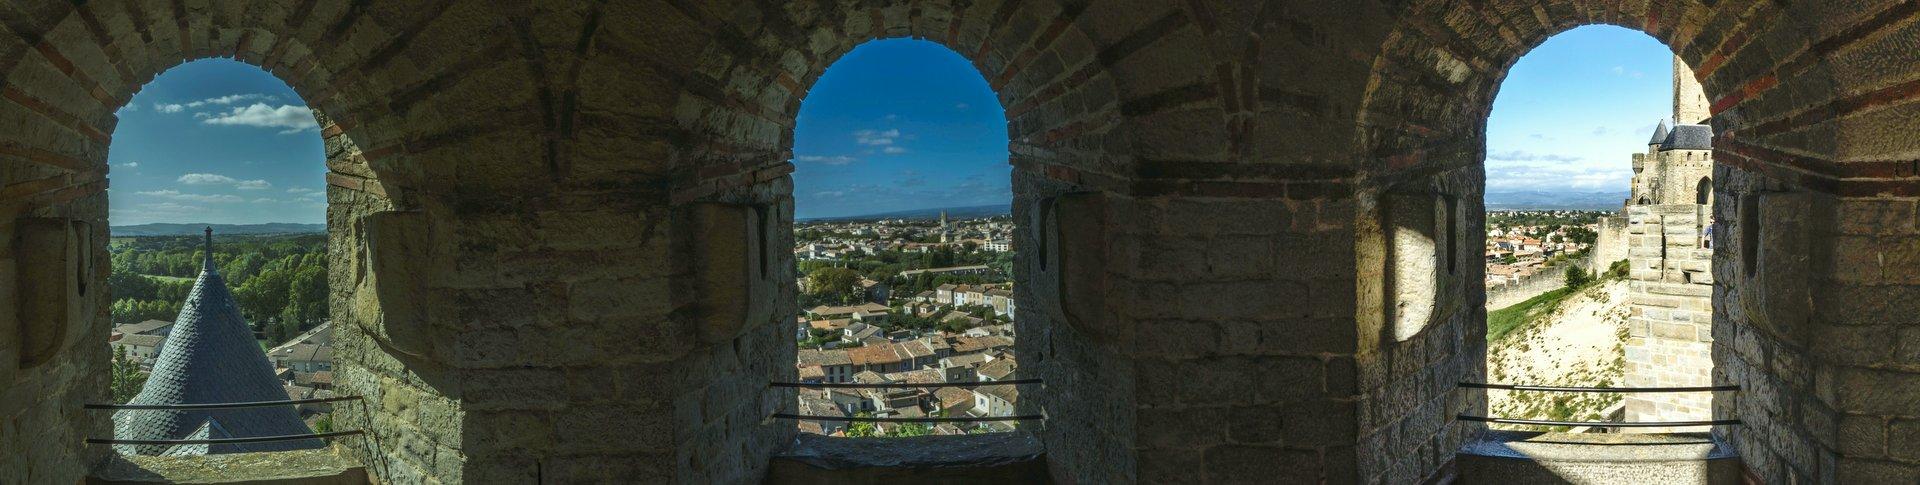 Blick aus einem Turm der westlichen inneren Stadtmauer der Cité Carcassonne